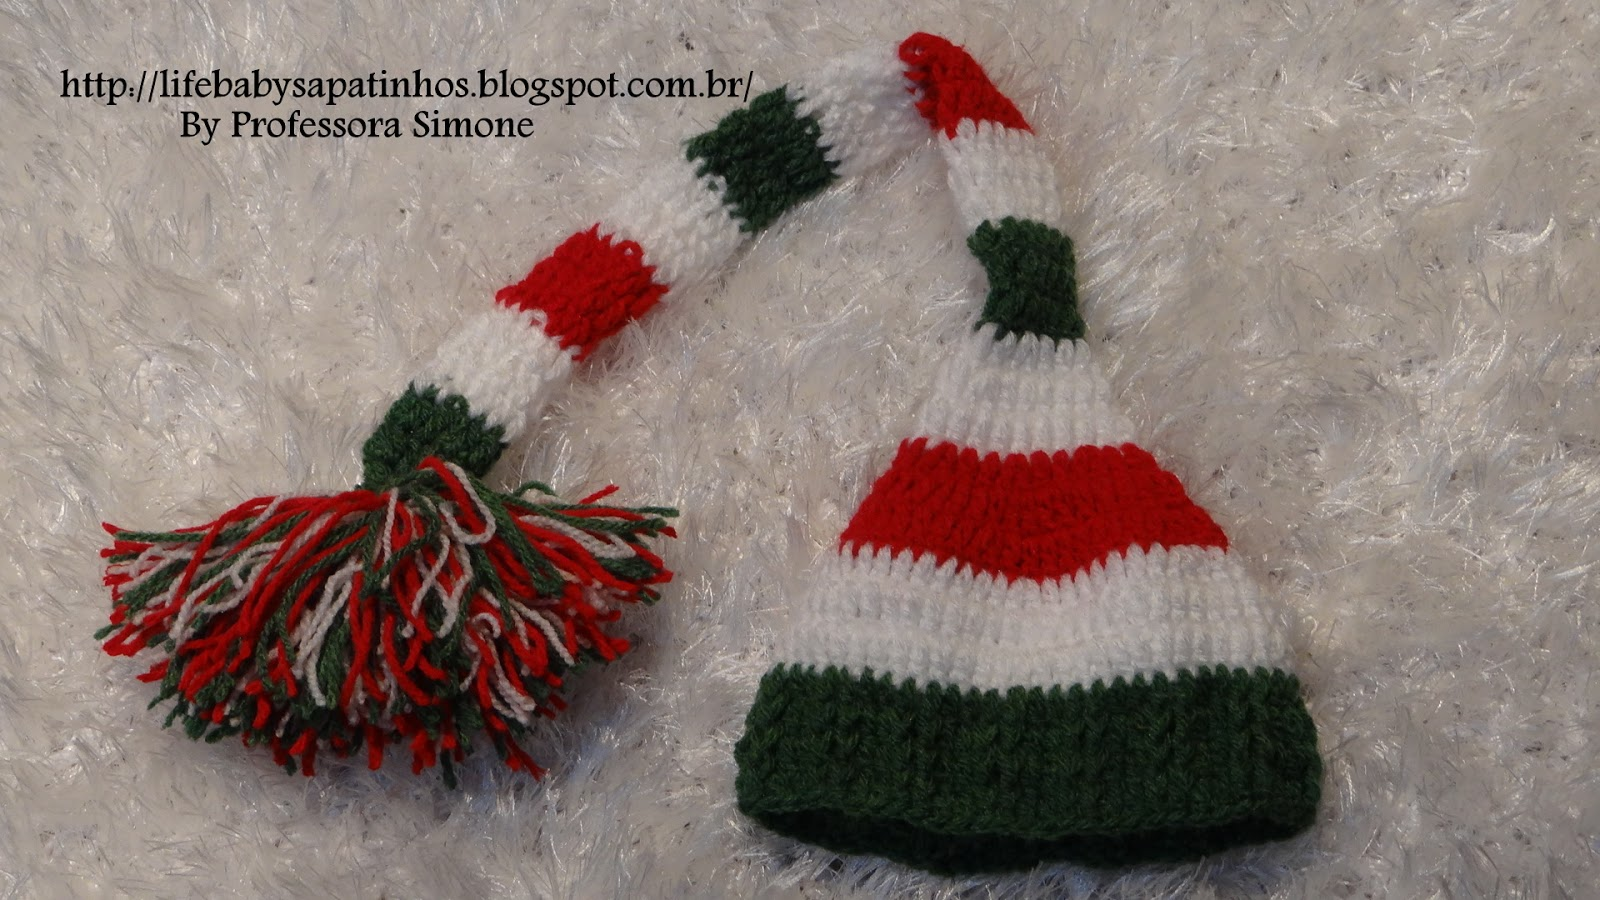 ... prontinho sua touca de Natal Pom Pom está pronta agora faça um lindo Pom  pom e aplique na ponta da touca finalizando assim seu trabalho. 408b33ee276